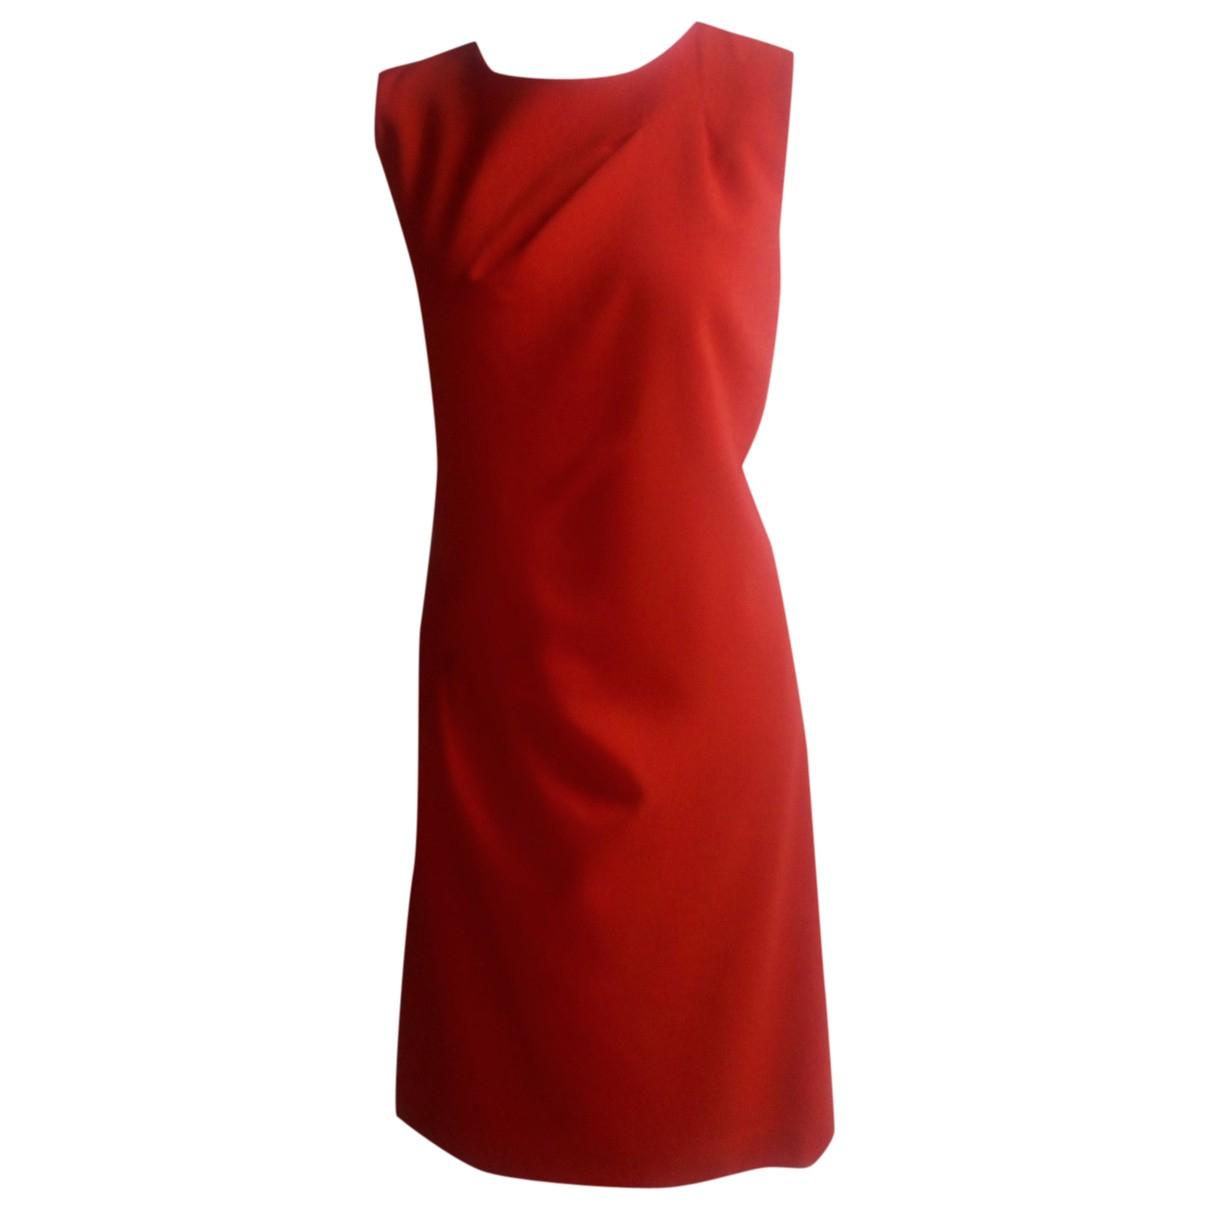 Michael Kors \N Kleid in  Rot Wolle